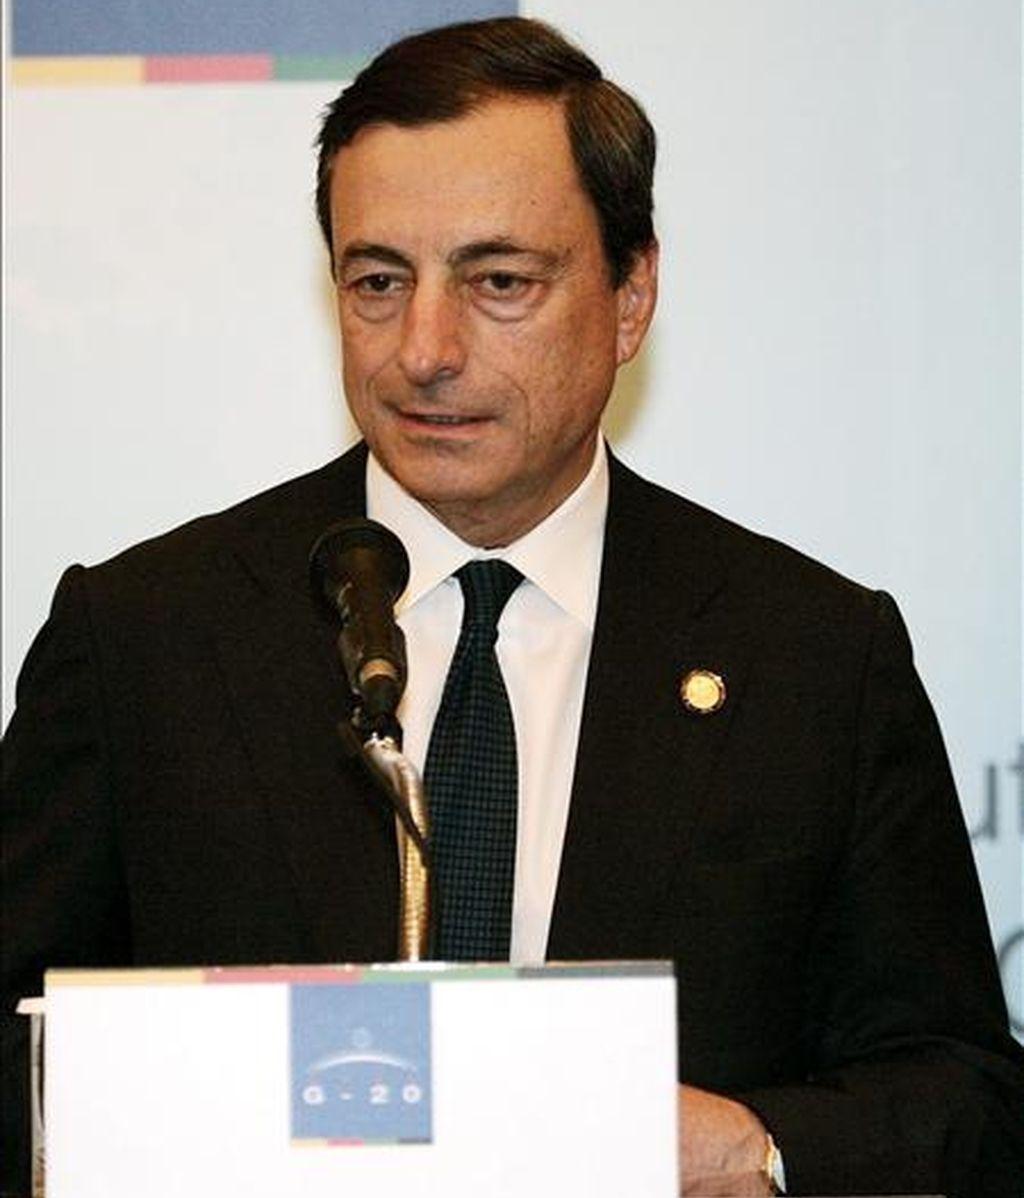 El gobernador del Banco Central italiano, Mario Draghi, durante una rueda de prensa. EFE/Archivo